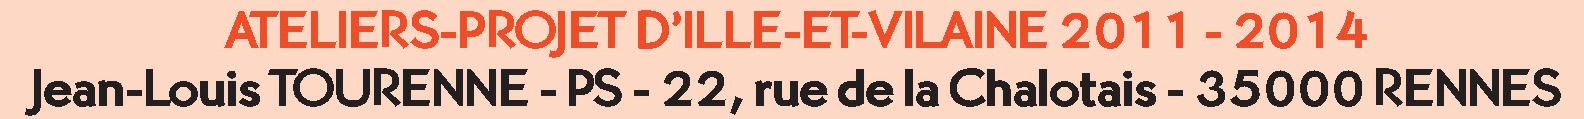 Ateliers-projet d'Ille-et-Vilaine 2011-2014